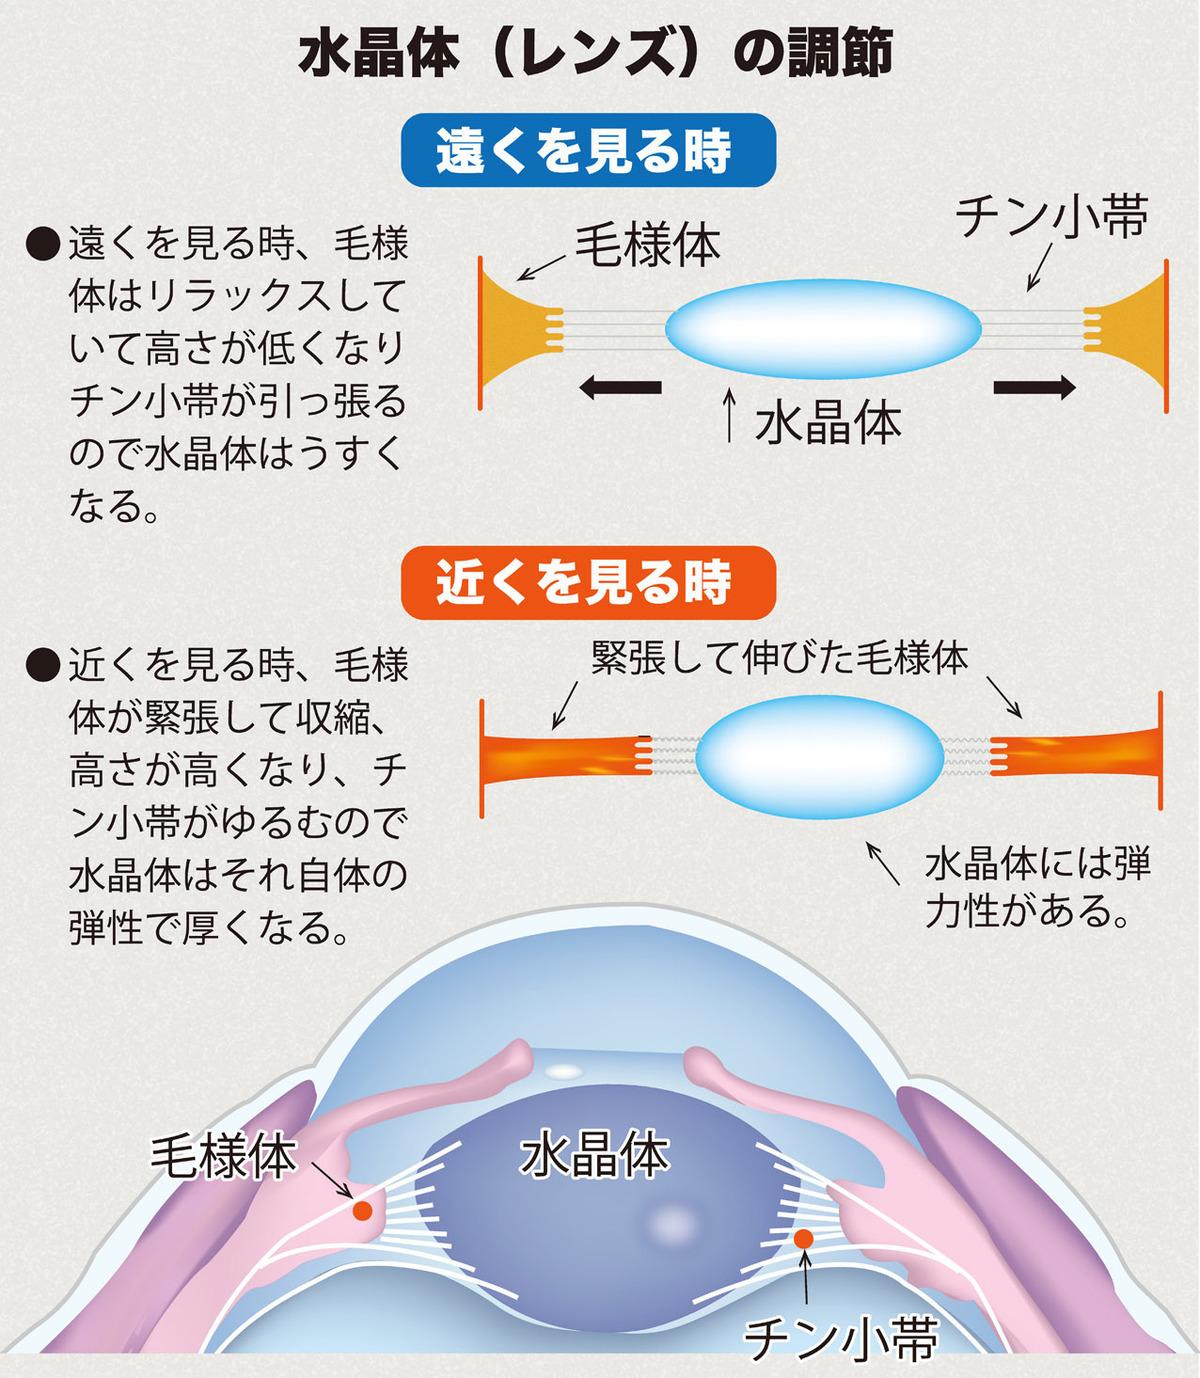 目の調節機能イラスト